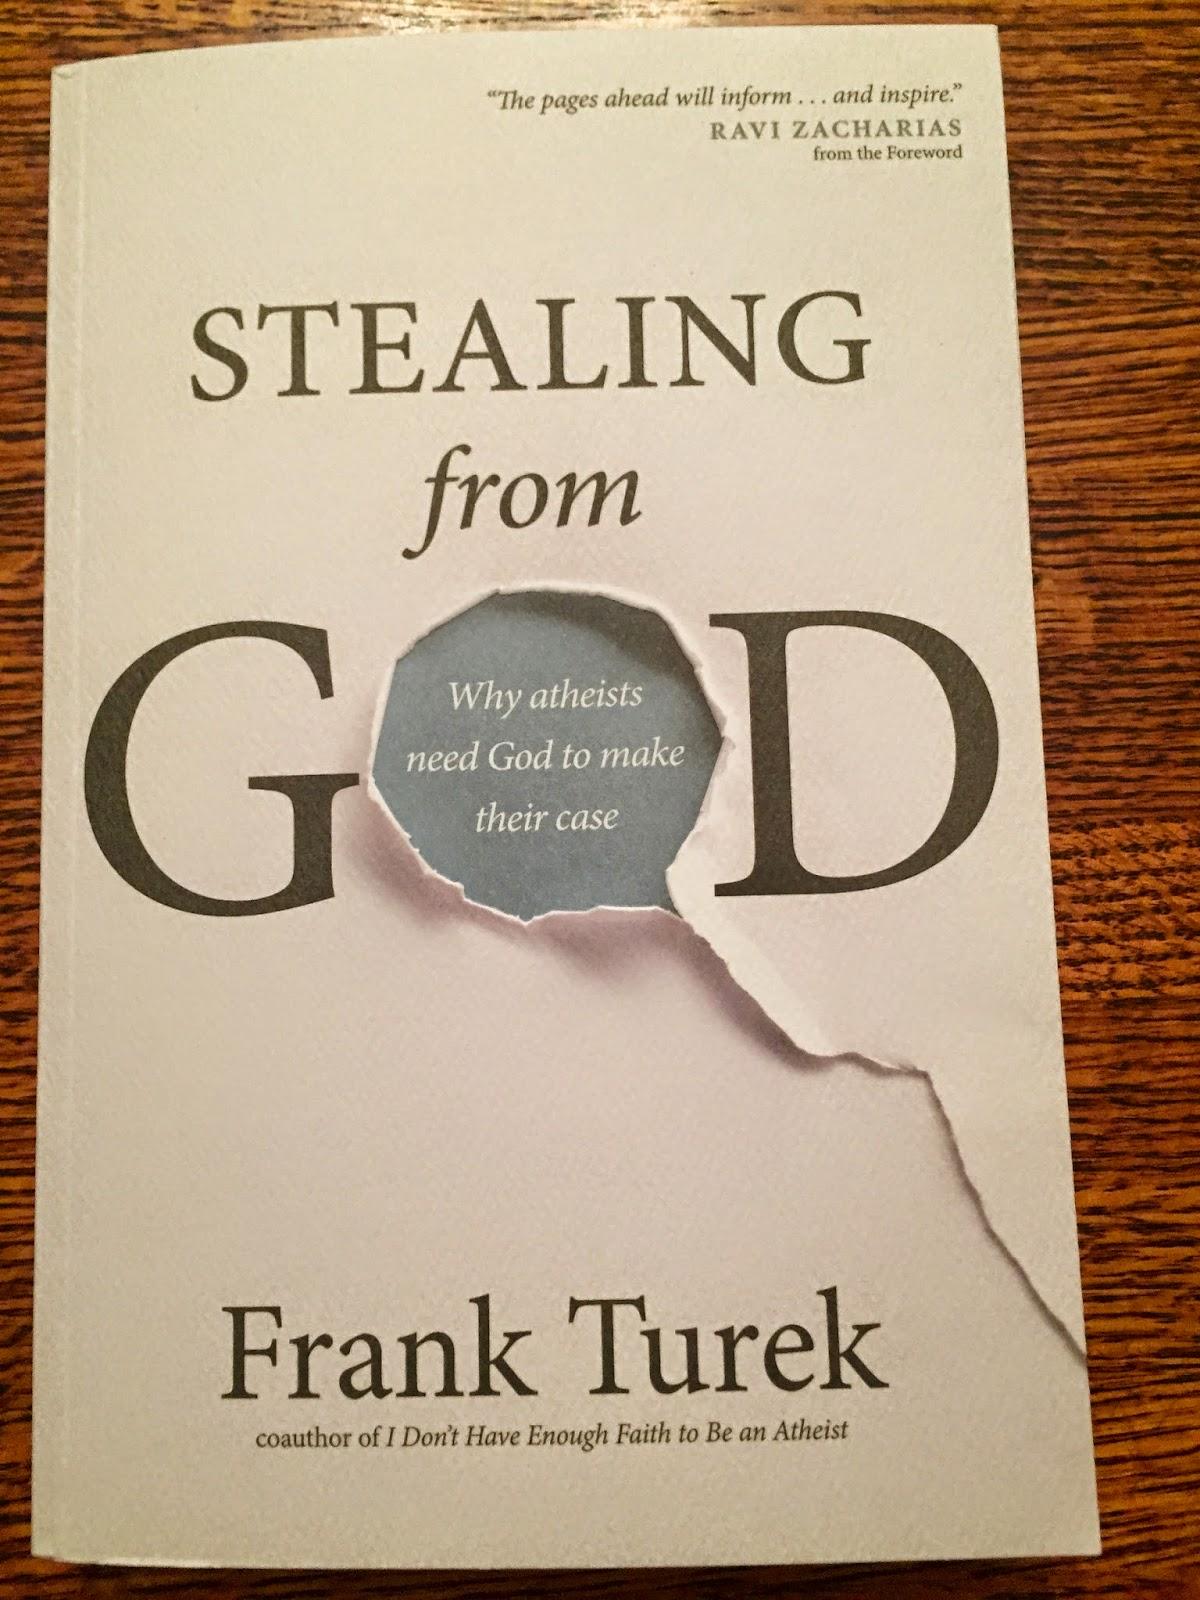 frank-trurek-book